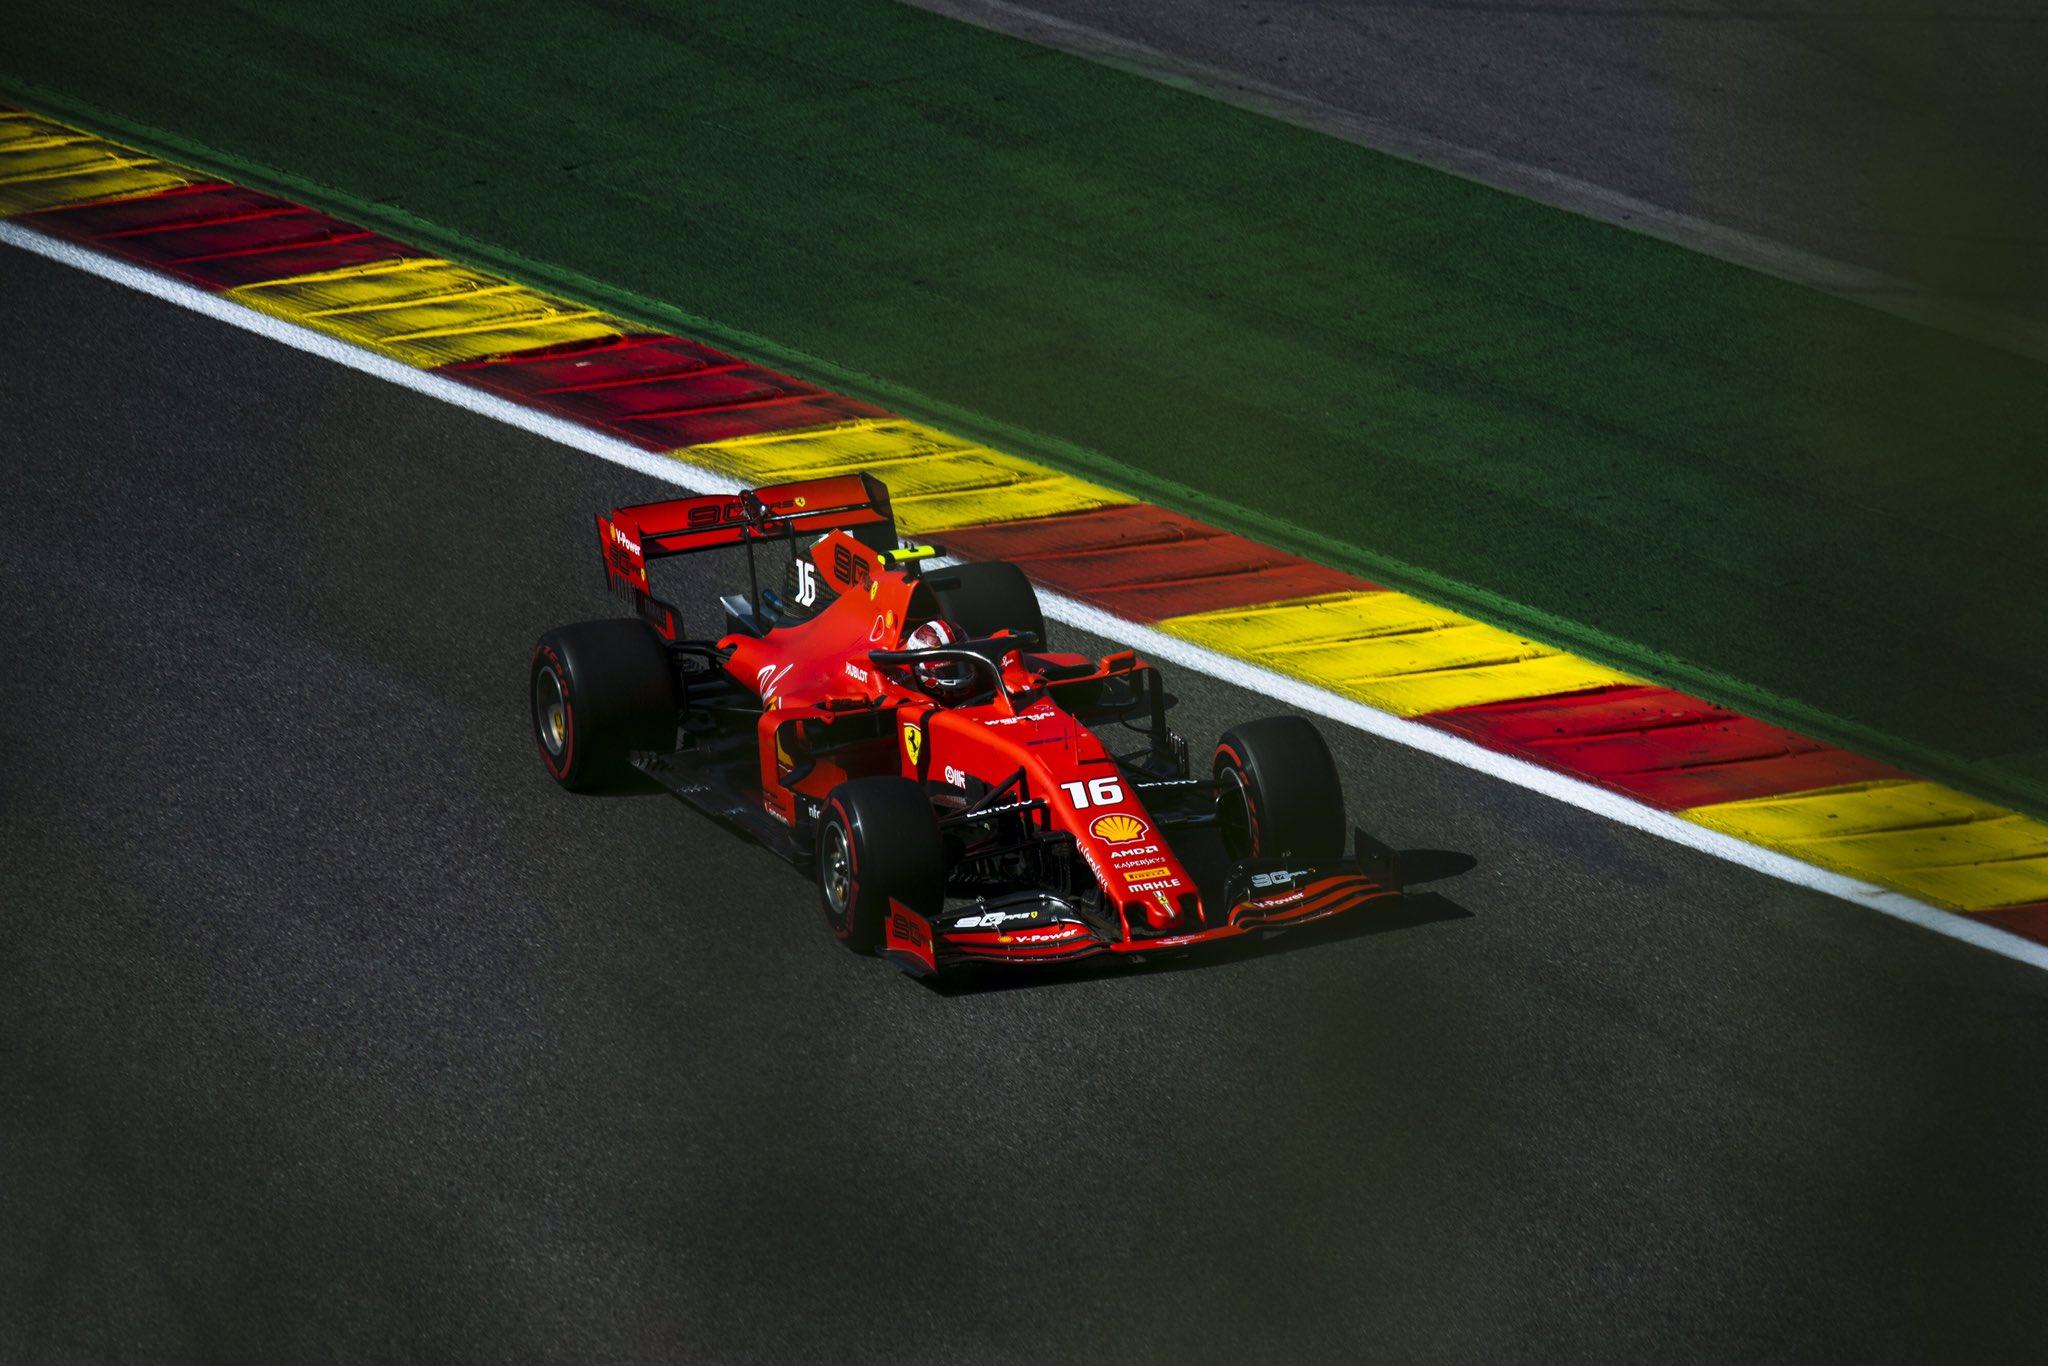 La pole pour Leclerc, 1ère ligne Ferrari à Spa!